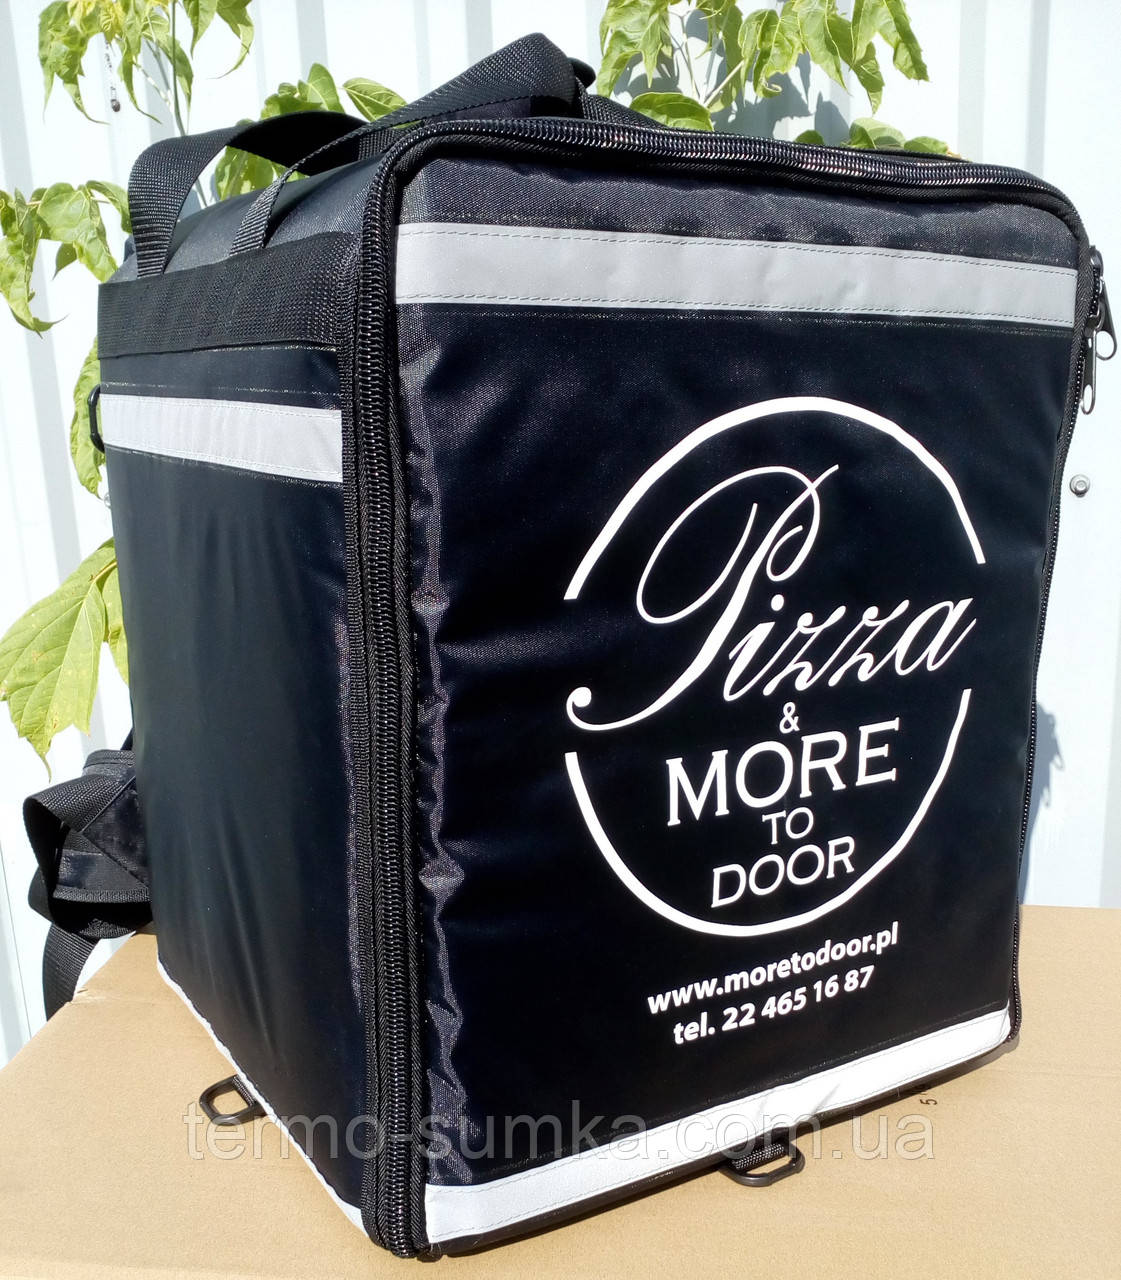 Каркасна термосумка - рюкзак для кур'єрської доставки страв та піци. 33*33, висота 42